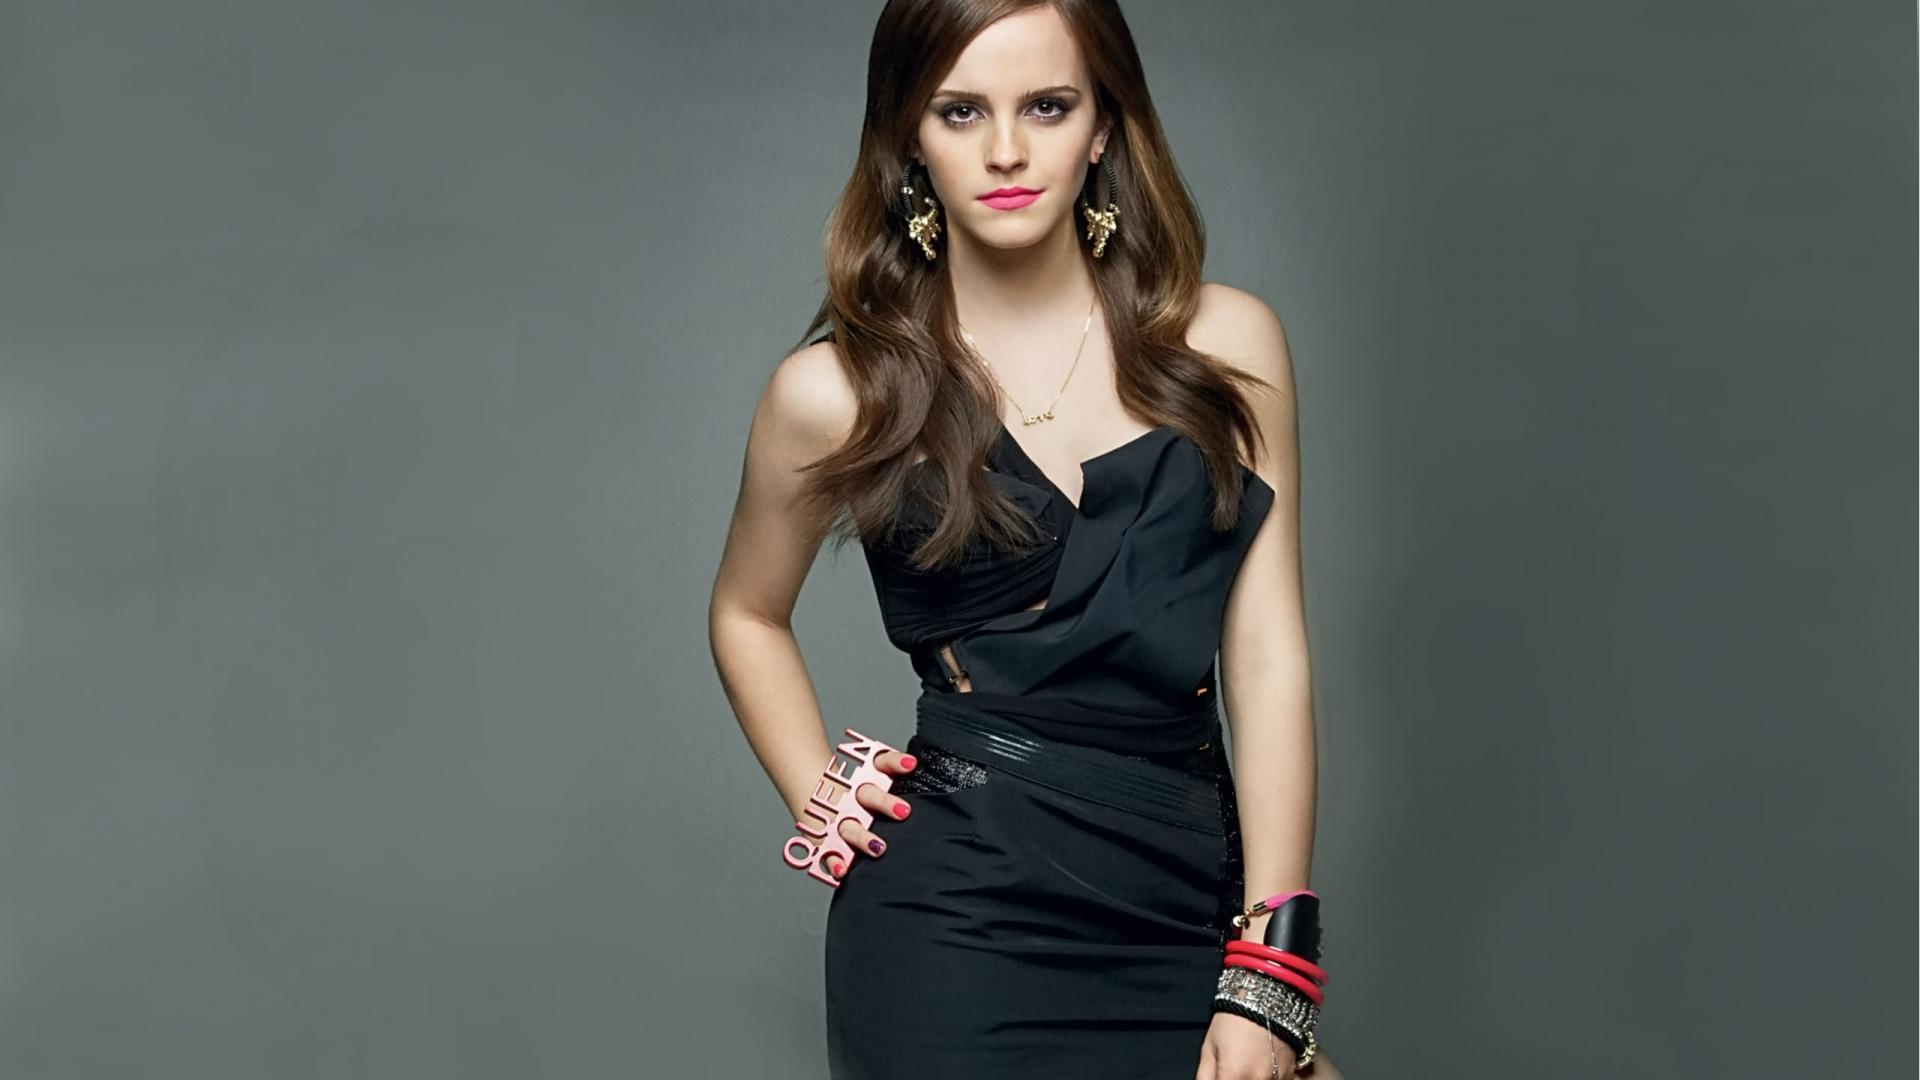 Emma Watson con vestido negro - 1920x1080